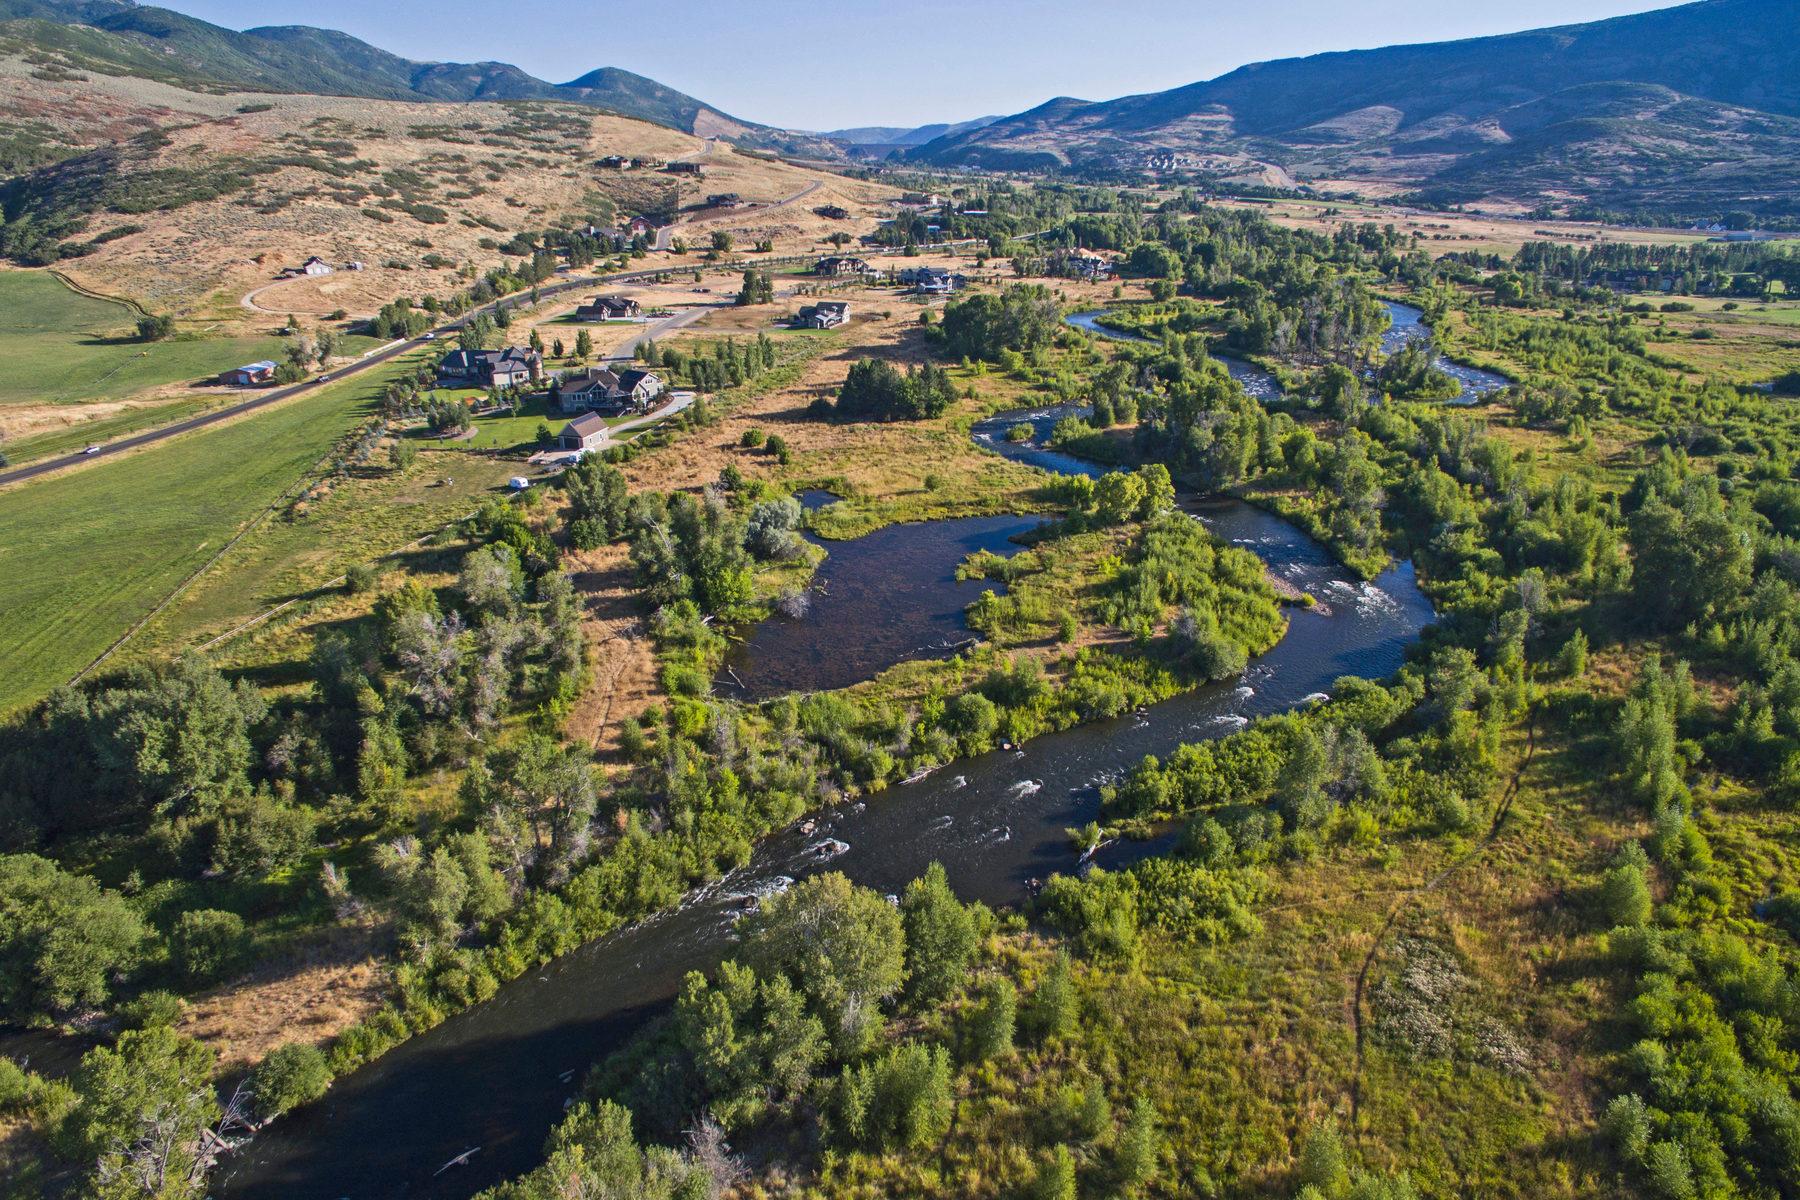 Maison unifamiliale pour l Vente à Private Riverfront Oasis Where Wildlife Abounds 2220 N River Meadows Pkwy Midway, Utah, 84049 États-Unis